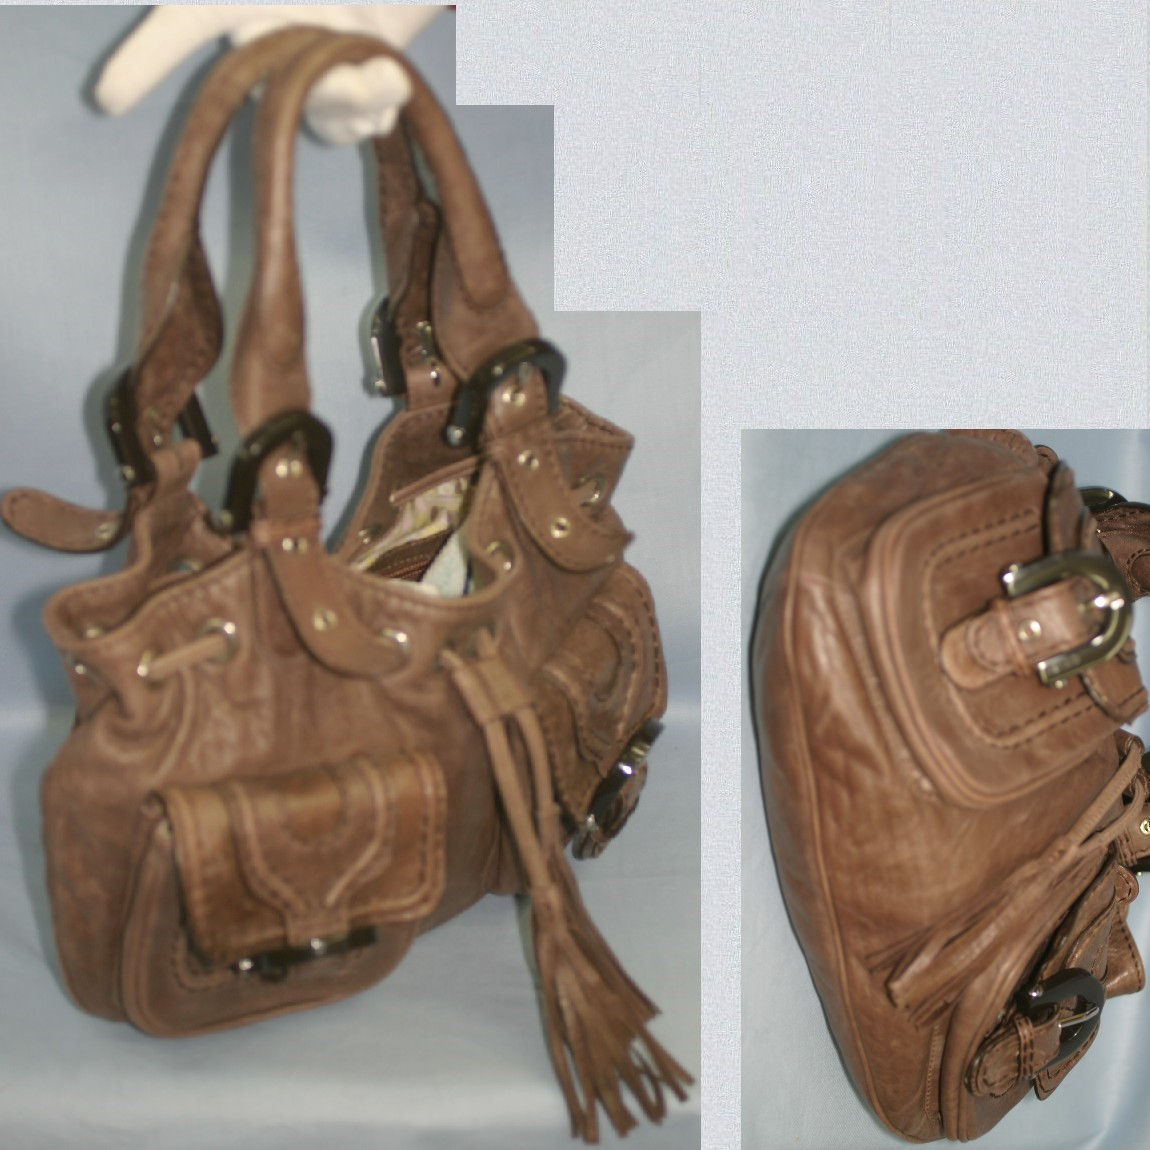 【中古】本物美品ケンゾーKENZO女性用32x23x7センチココア色革ワイルドなデザインのセミショルダー